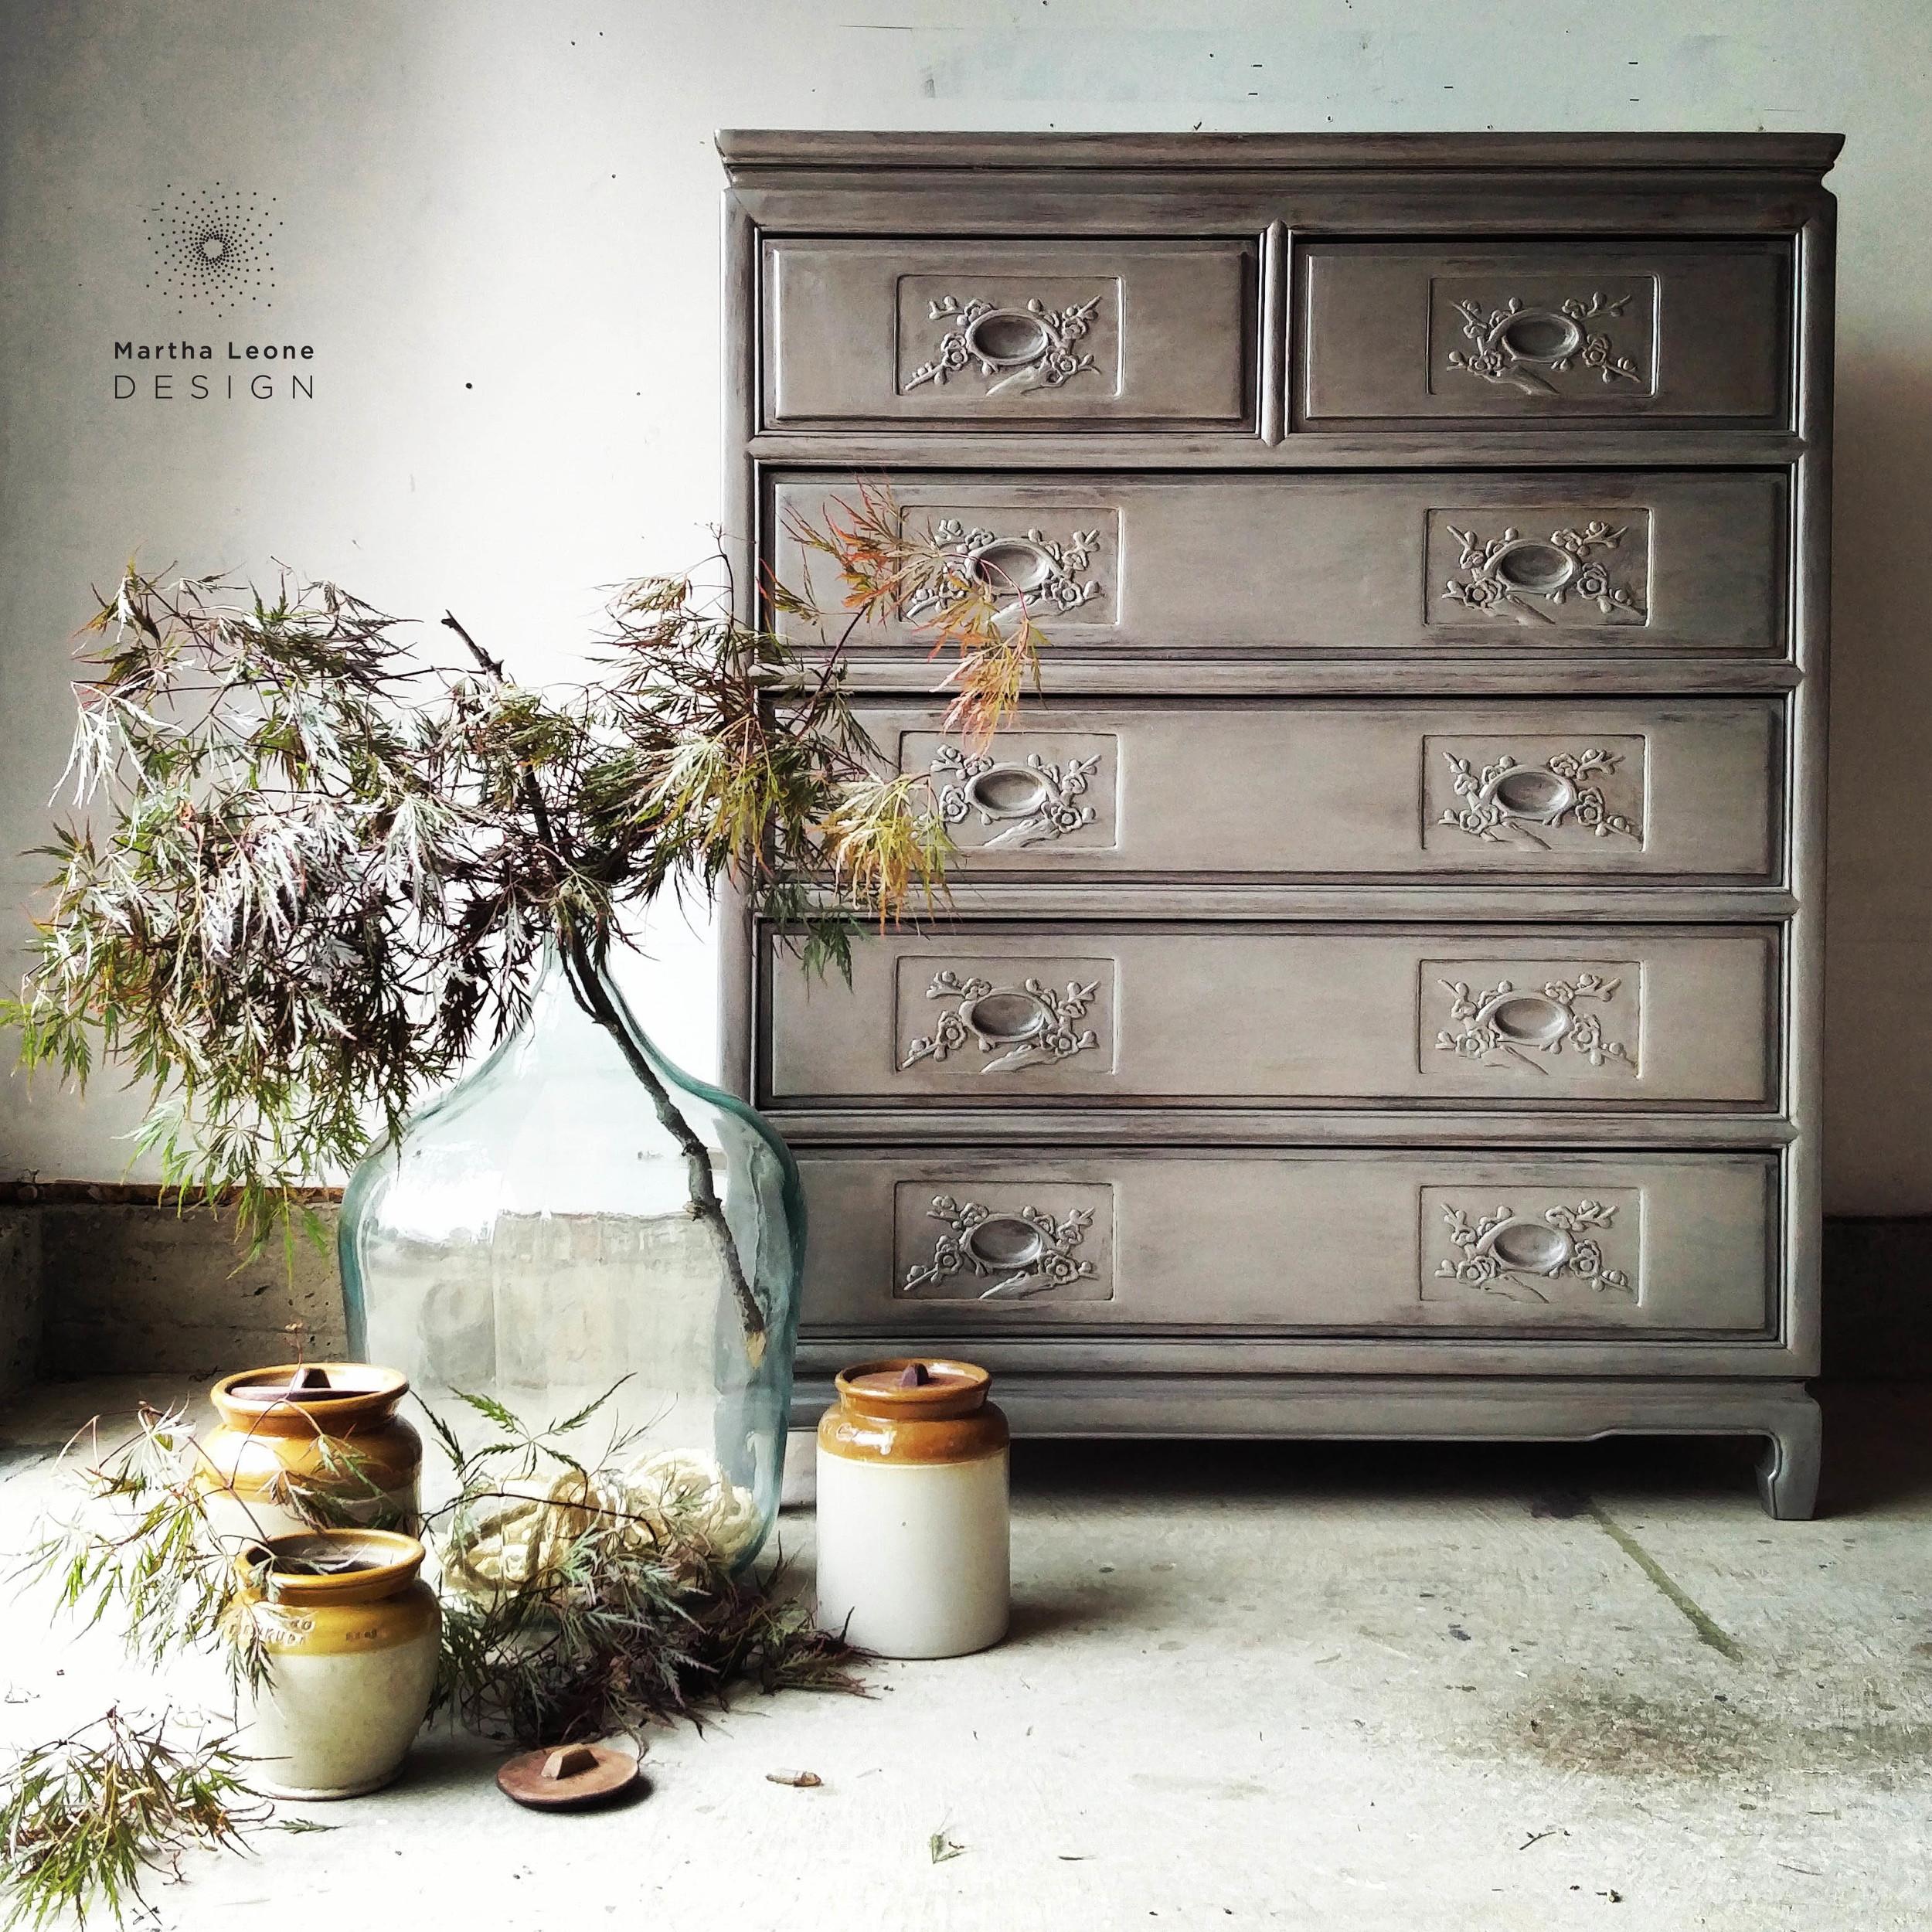 Silver2 by martha leone design.jpg